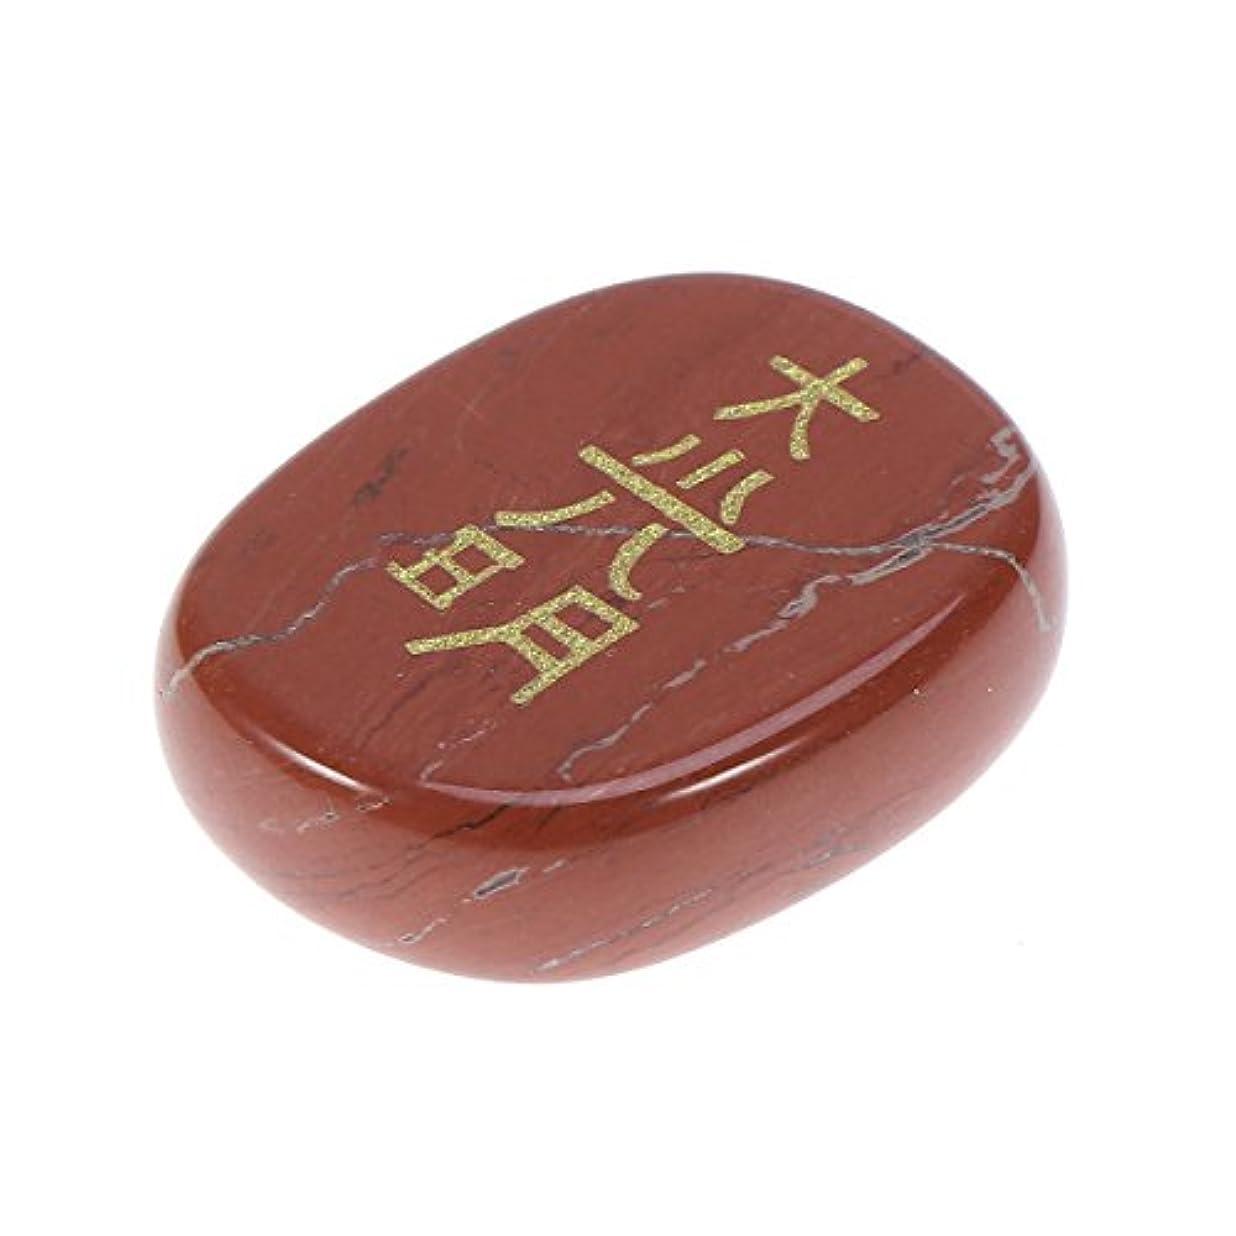 サンドイッチ争う発動機Healifty 宗教 石 彫刻 天然 クリスタルストーン エンジェル記号 彫刻 瞑想 (ダークレッド)